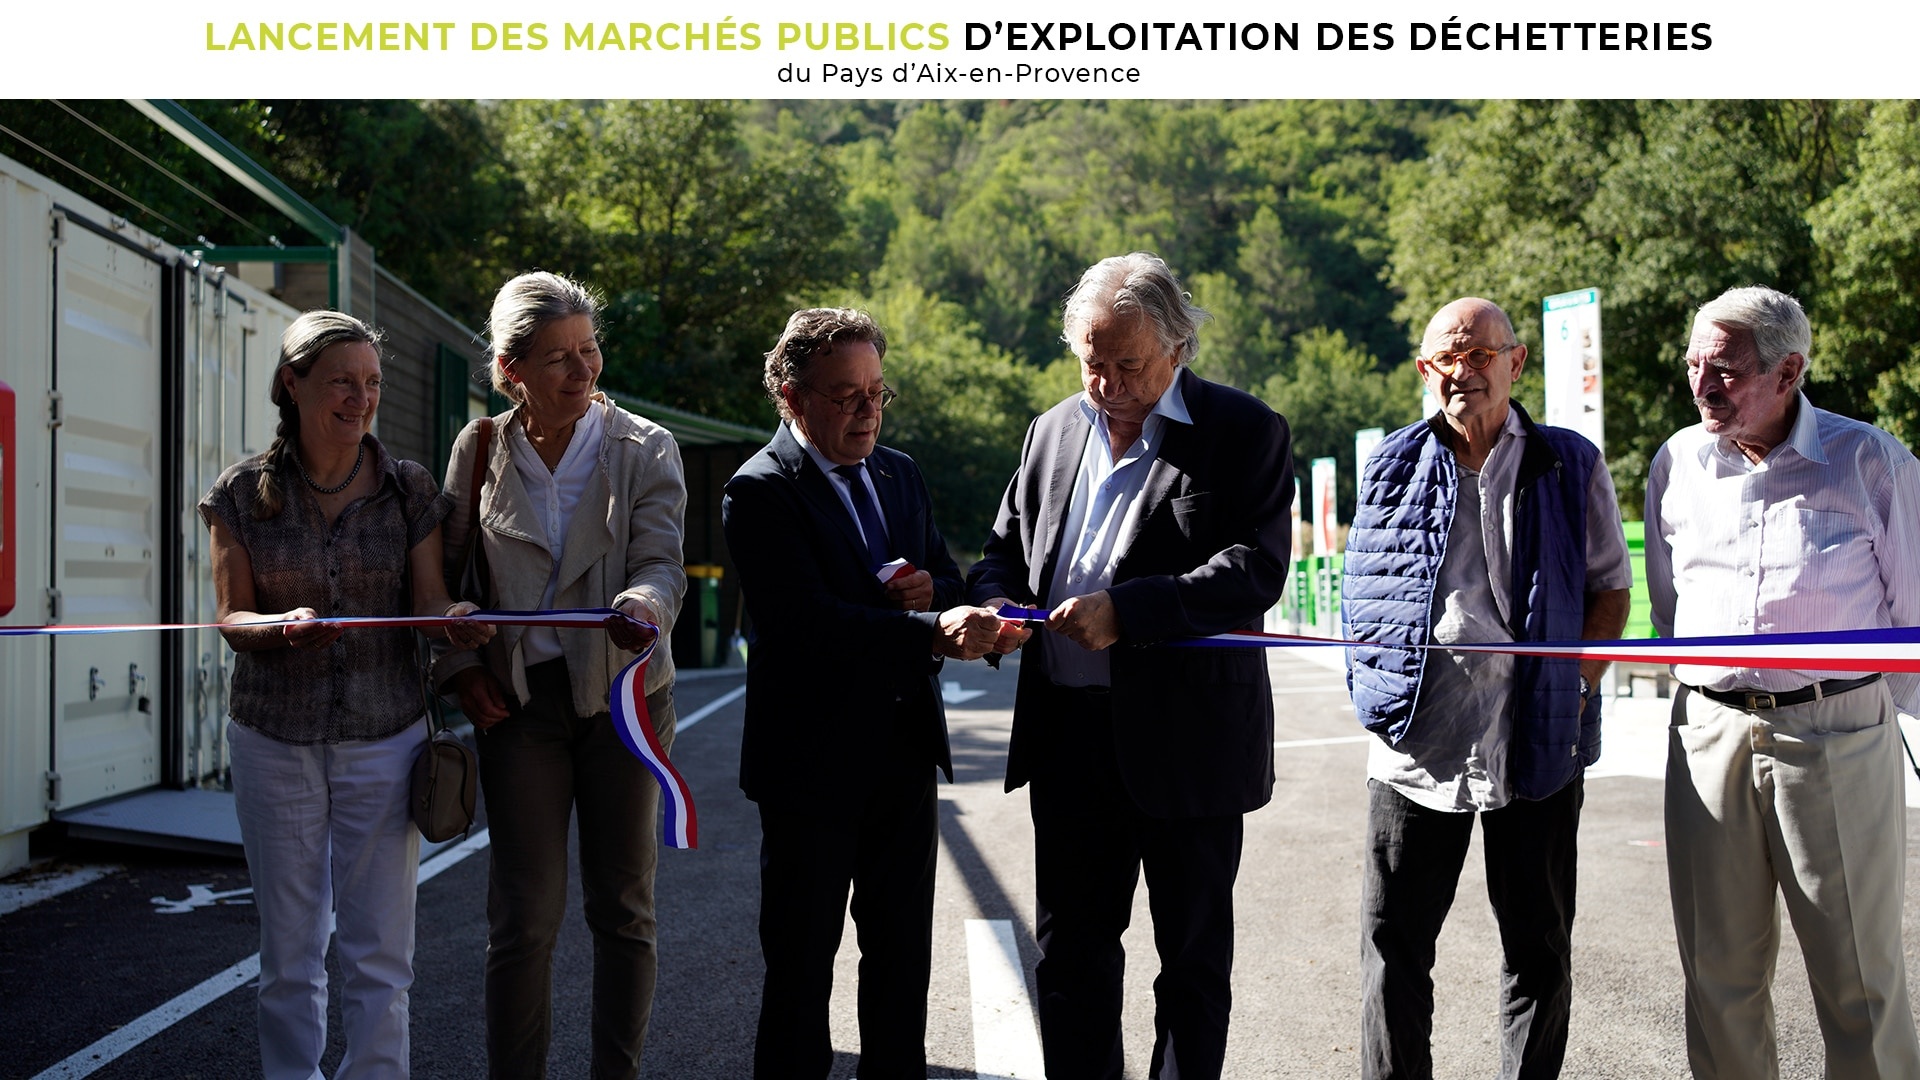 Lancement des marchés publics d'exploitation des déchetteries du Pays d'Aix-en-Provence